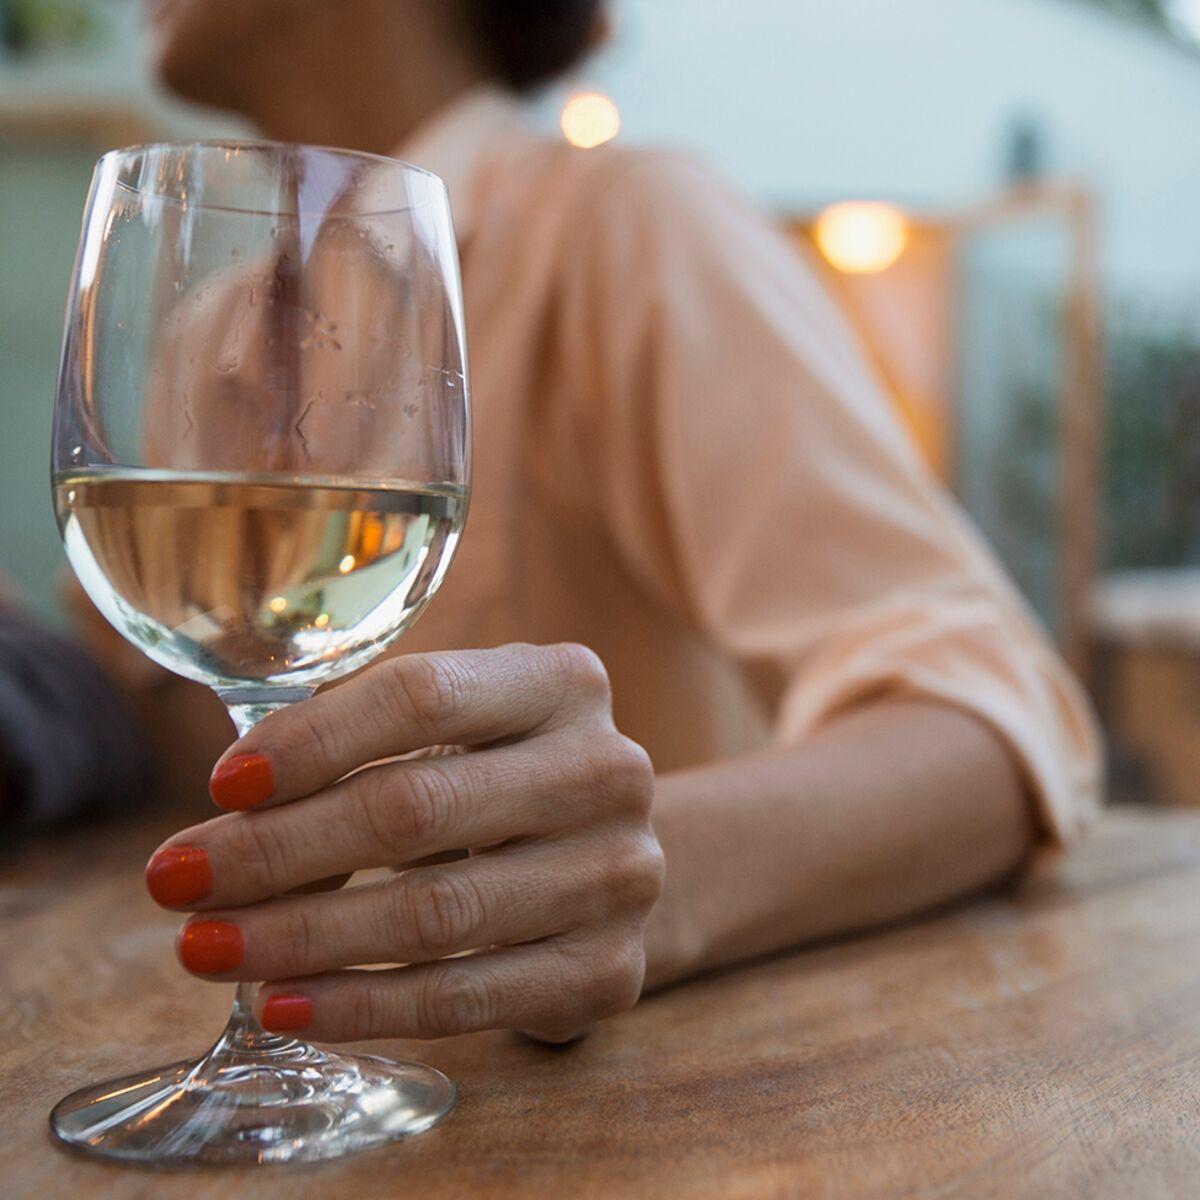 Cancer du sein : un seul verre de vin par jour augmenterait